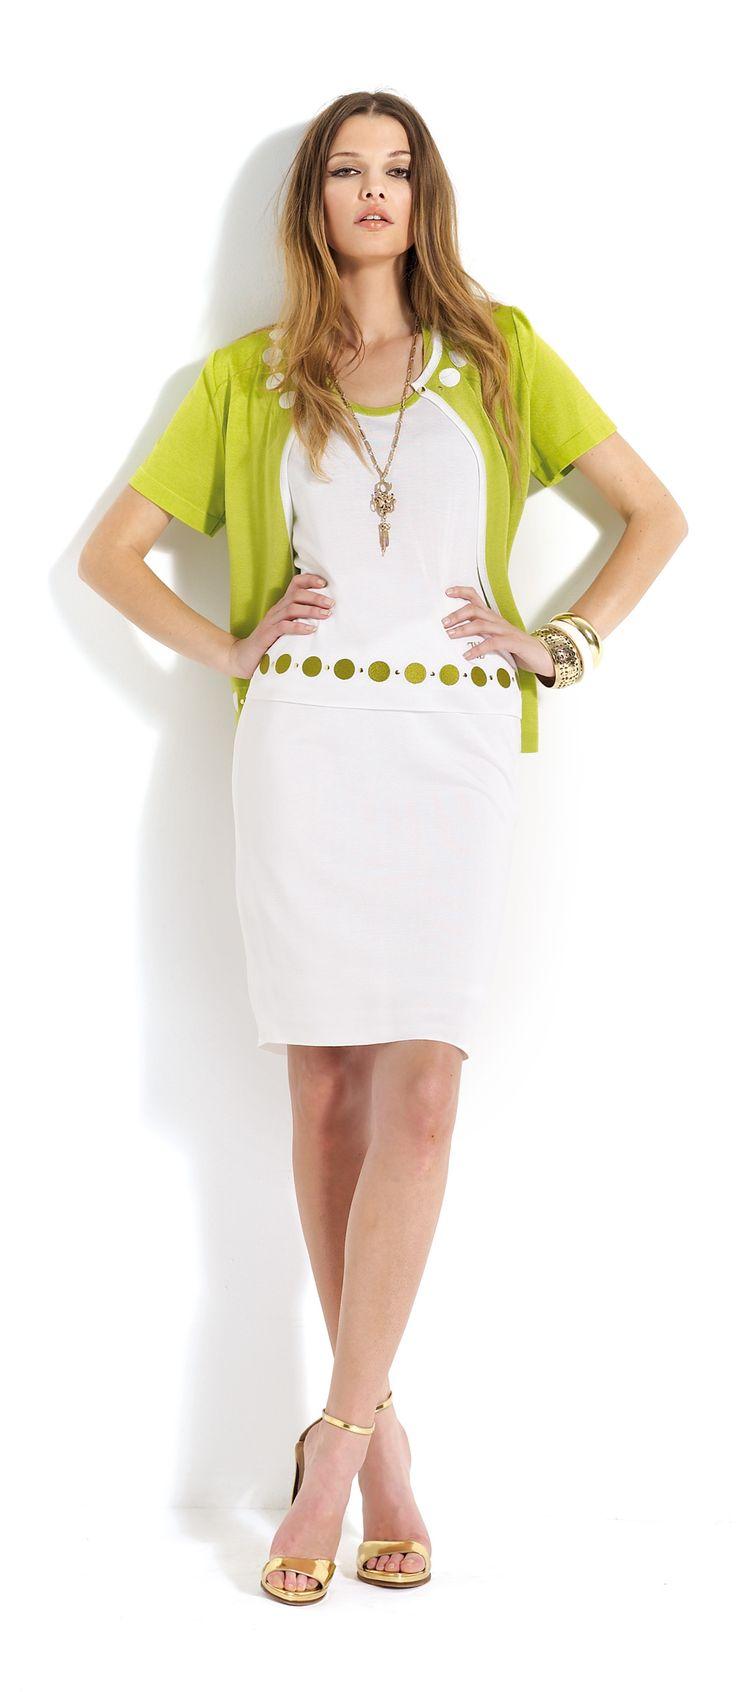 Falda y jersey de color blanco con rebeca de color verde #skirt #white #green #summer #cardigan